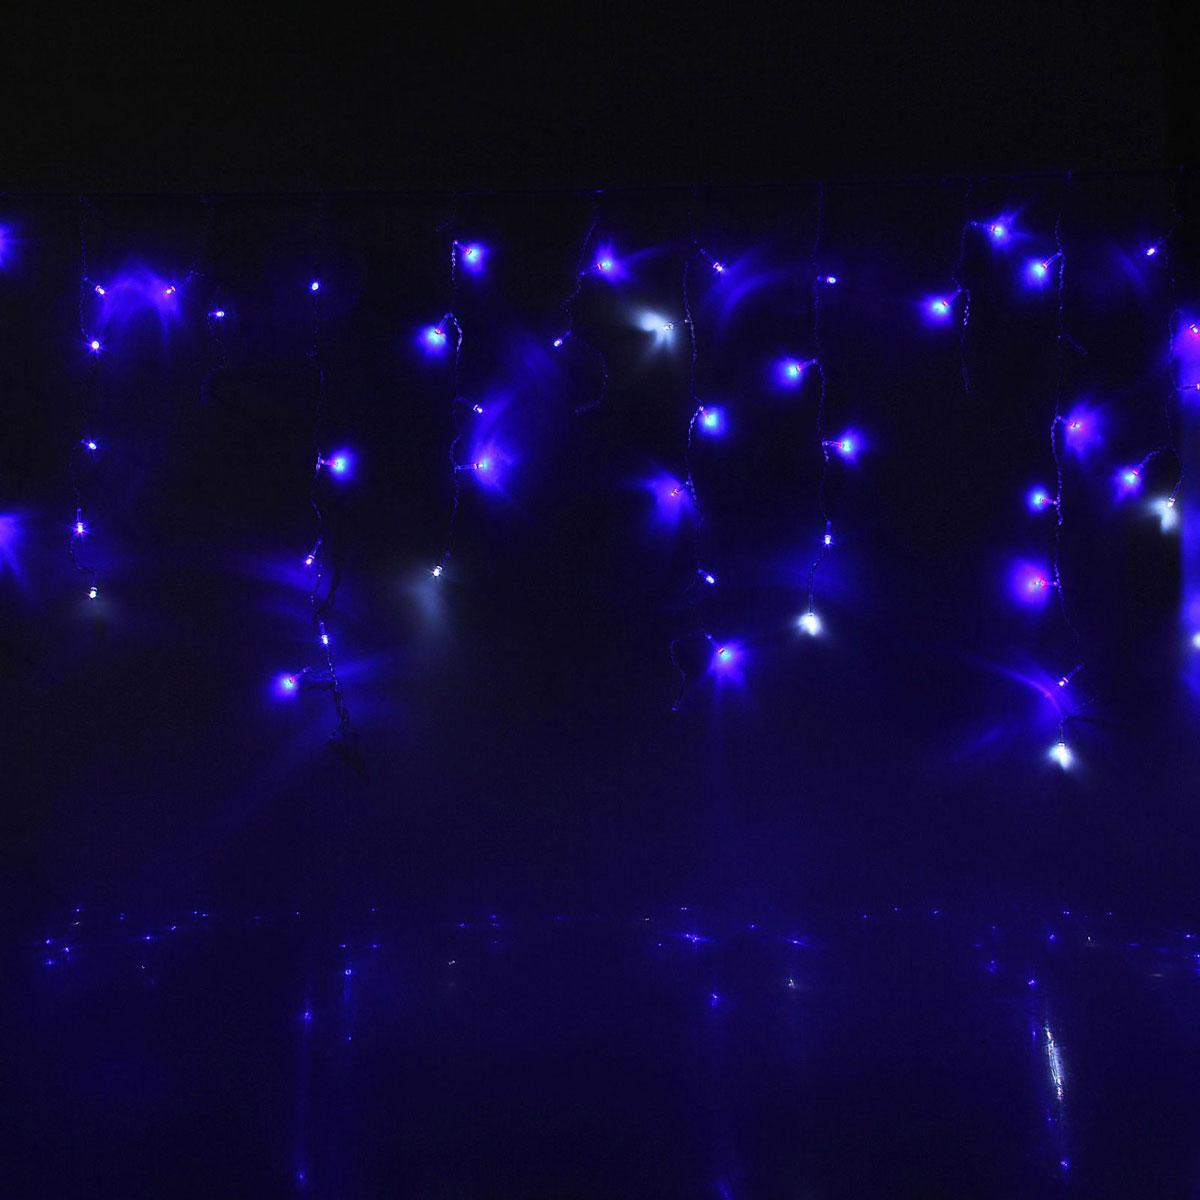 Гирлянда светодиодная Luazon Бахрома, уличная, мигание, 60 ламп, 220V, цвет: белый, синий, 1 х 0,6 м. 10801361080136Светодиодные гирлянды, ленты и т.д — это отличный вариант для новогоднего оформления интерьера или фасада. С их помощью помещение любого размера можно превратить в праздничный зал, а внешние элементы зданий, украшенные ими, мгновенно станут напоминать очертания сказочного дворца. Такие украшения создают ауру предвкушения чуда. Деревья, фасады, витрины, окна и арки будто специально созданы, чтобы вы украсили их светящимися нитями.